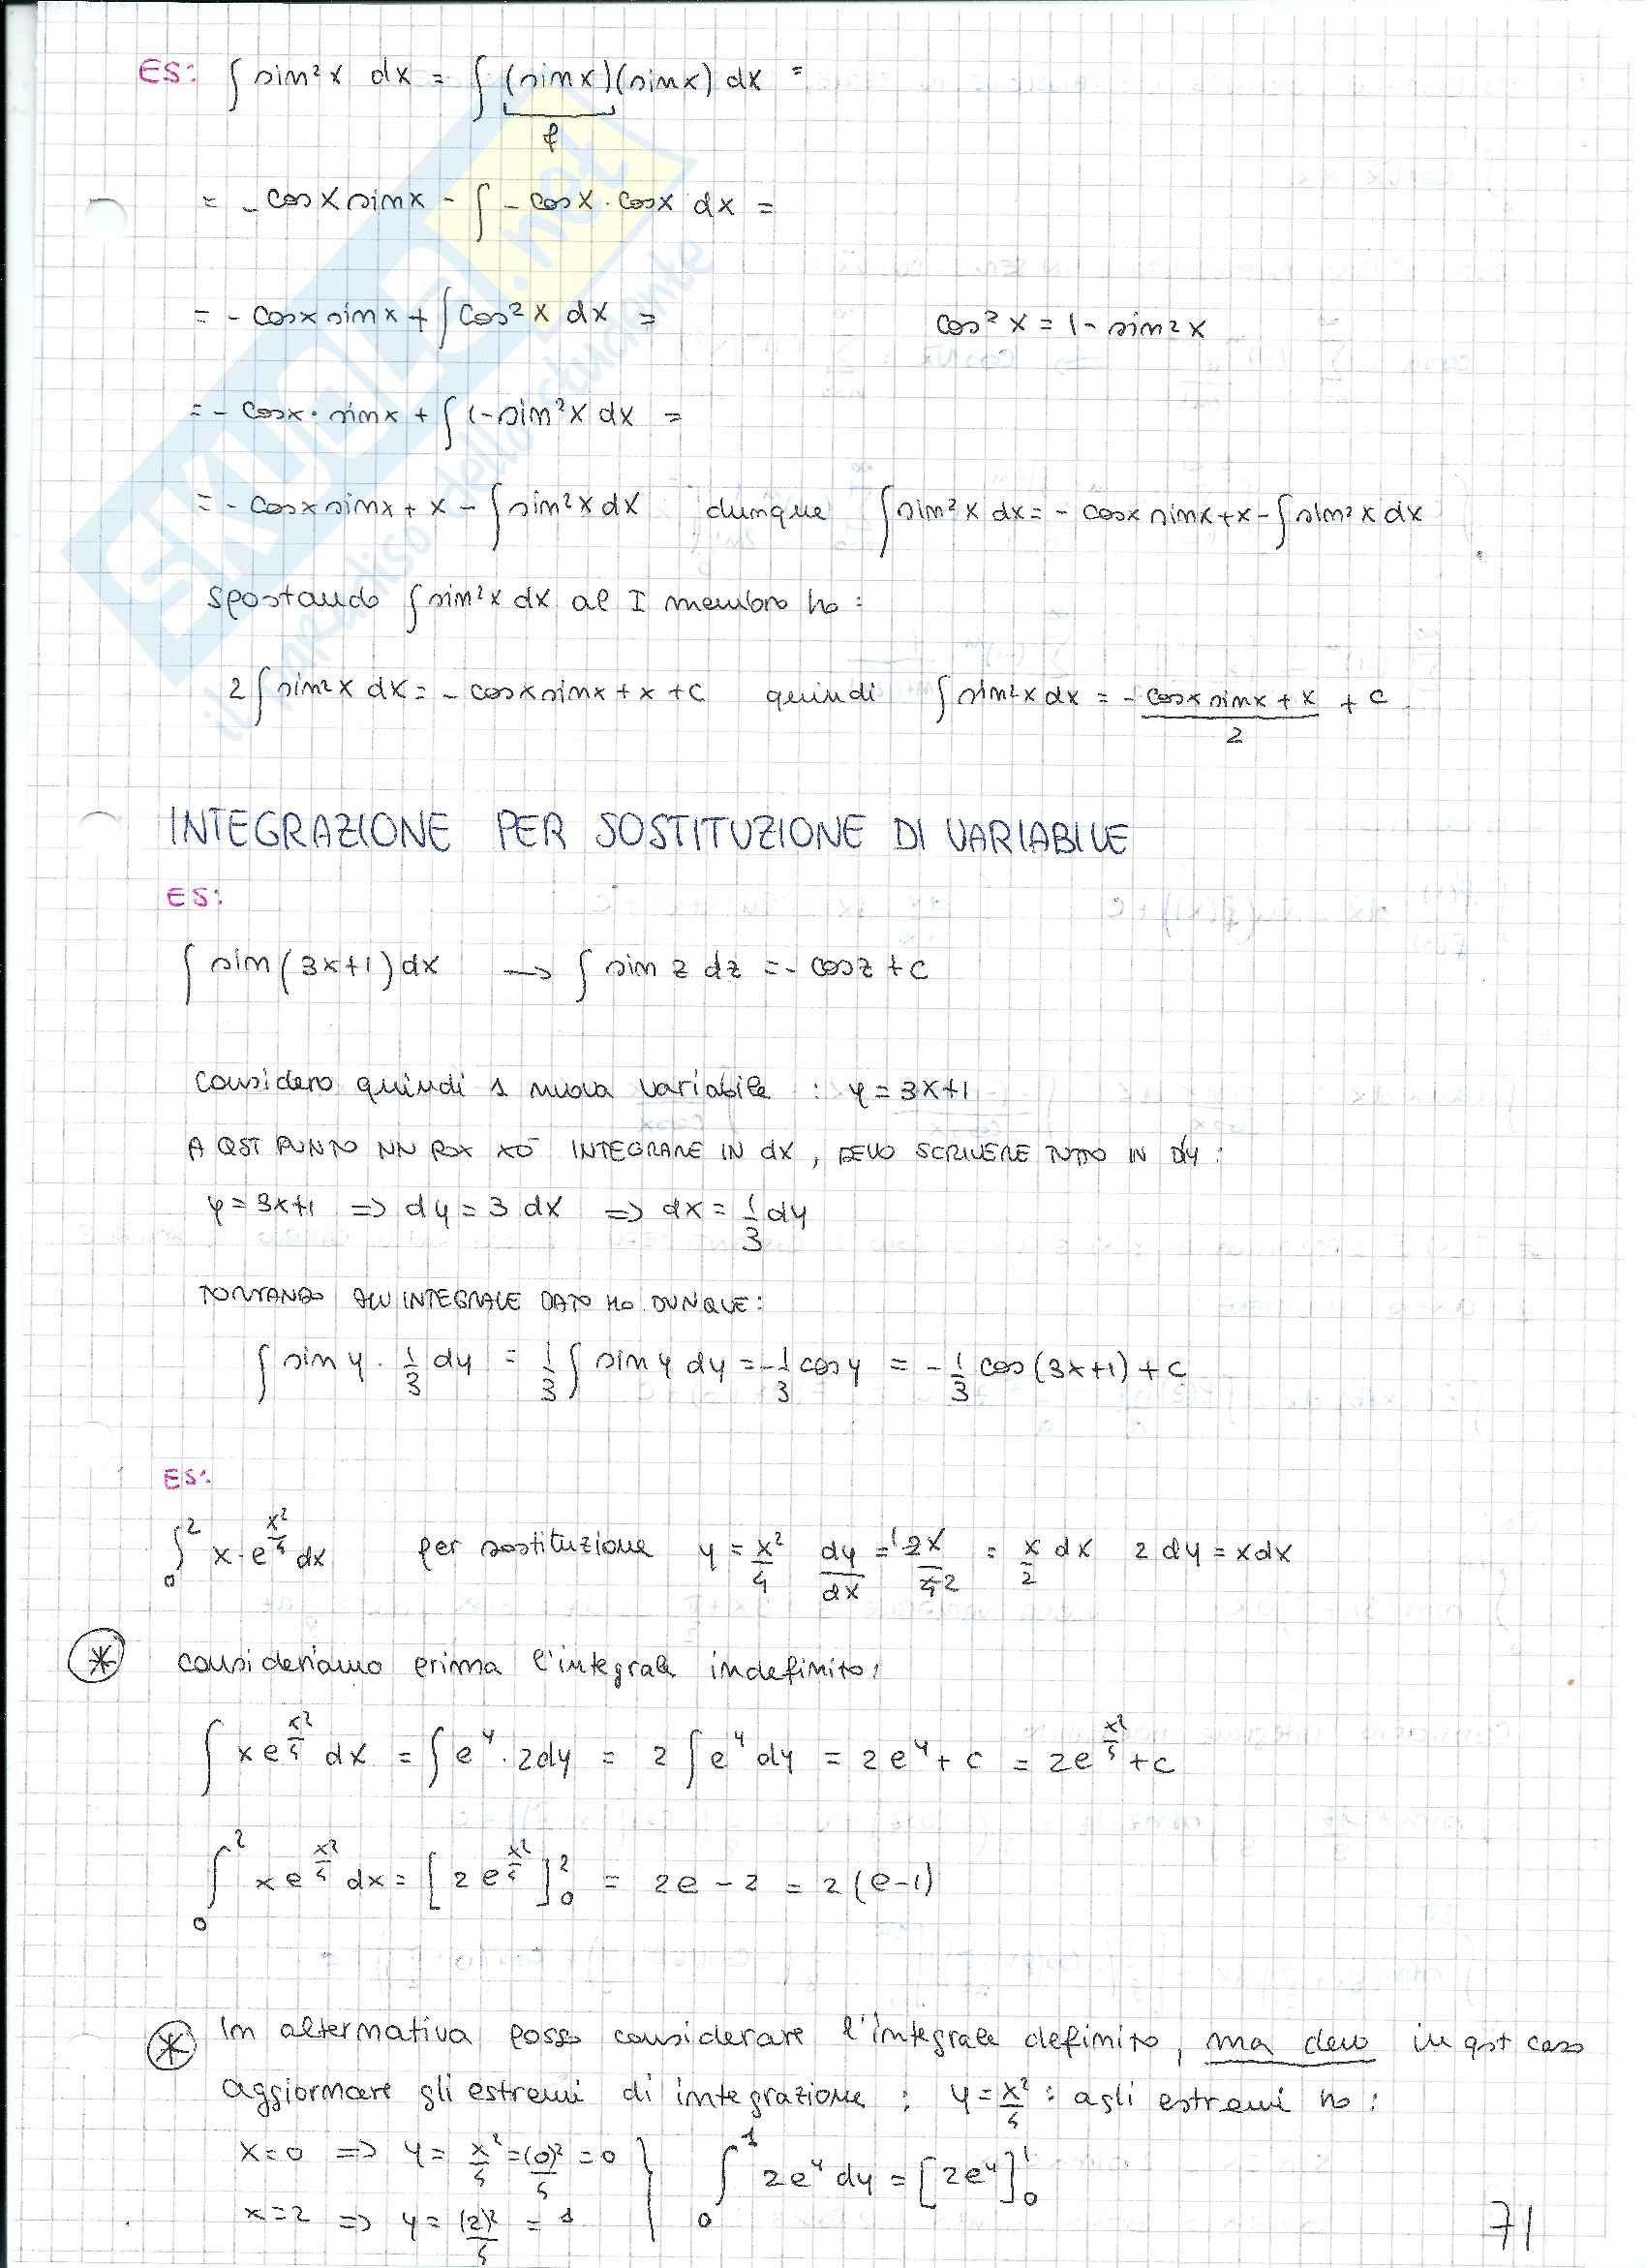 Matematica e statistica - Appunti secondo parziale Pag. 21